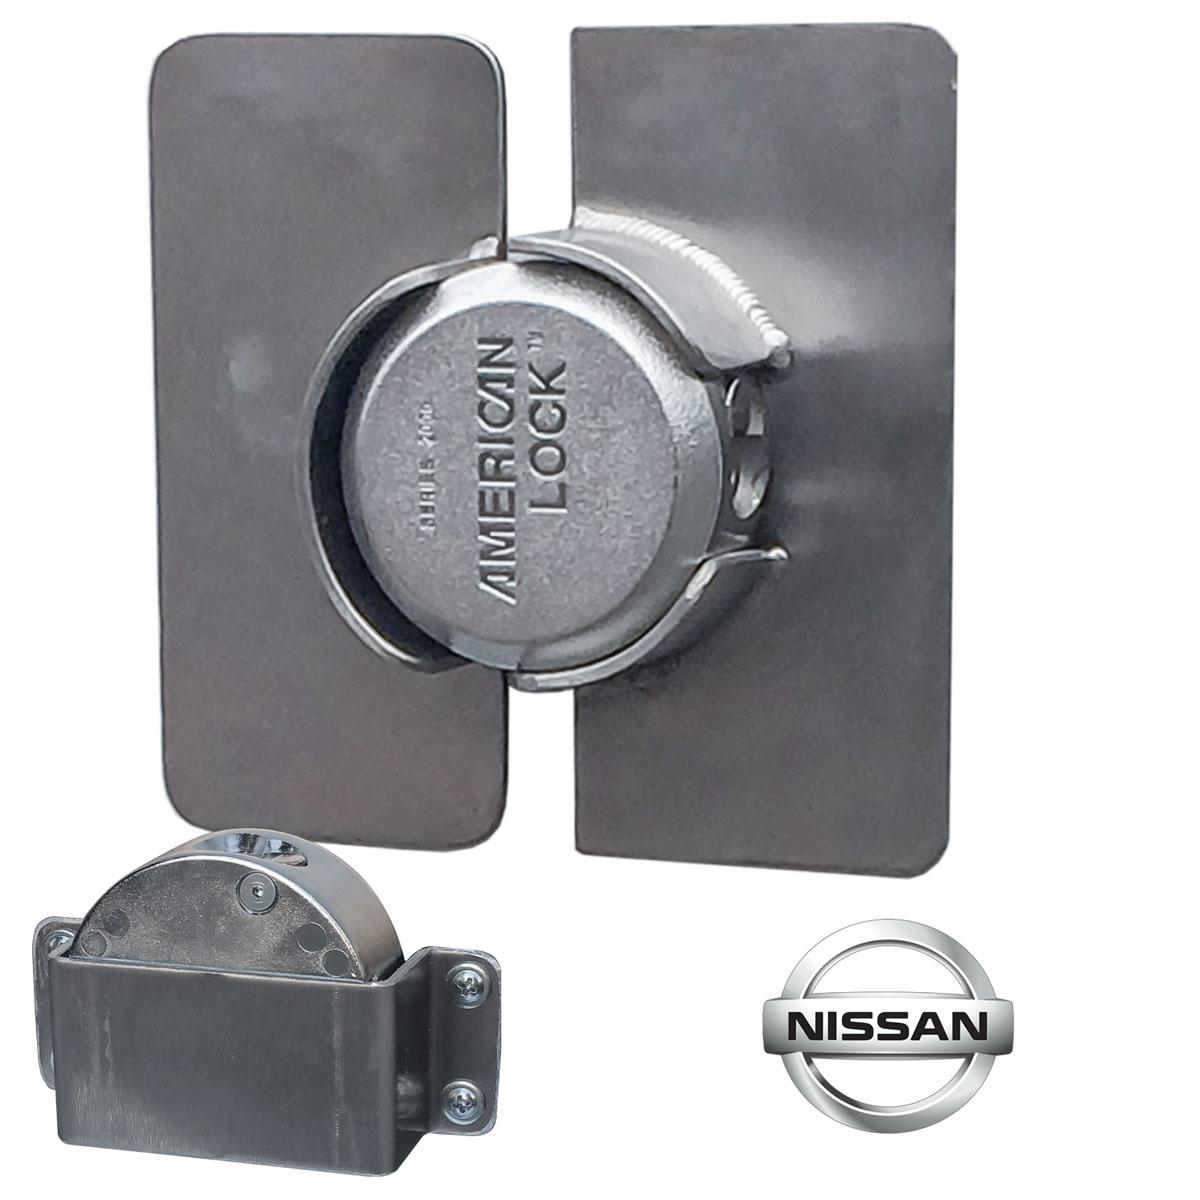 Nissan NVPuck Lock Kit Driver DoorSKU: 170005